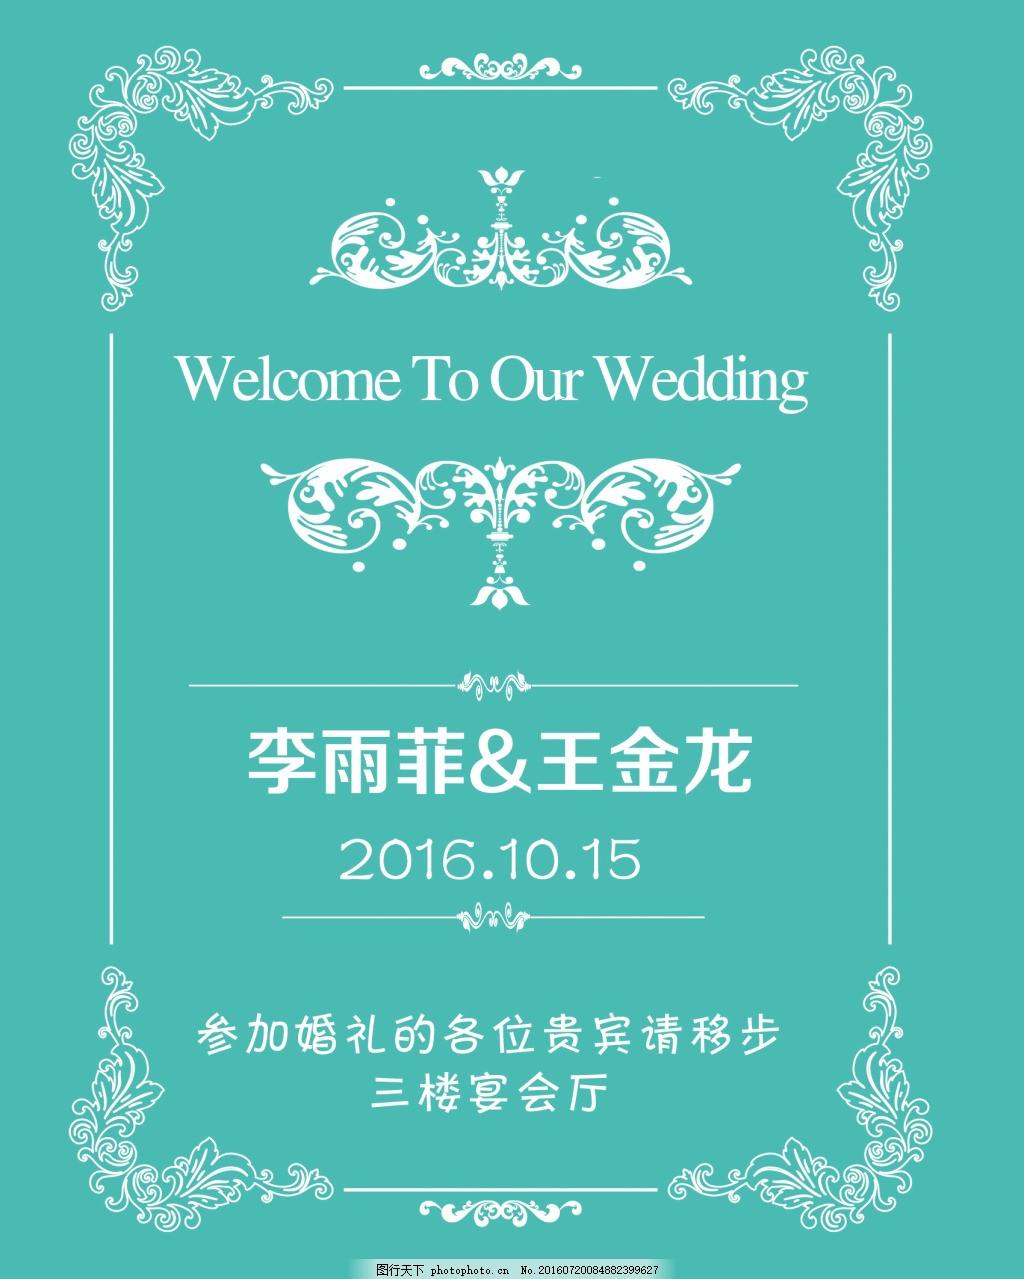 蒂芙尼蓝婚礼水牌 婚礼背景 婚礼素材 婚礼迎宾牌 蕾丝花边 欧式花纹